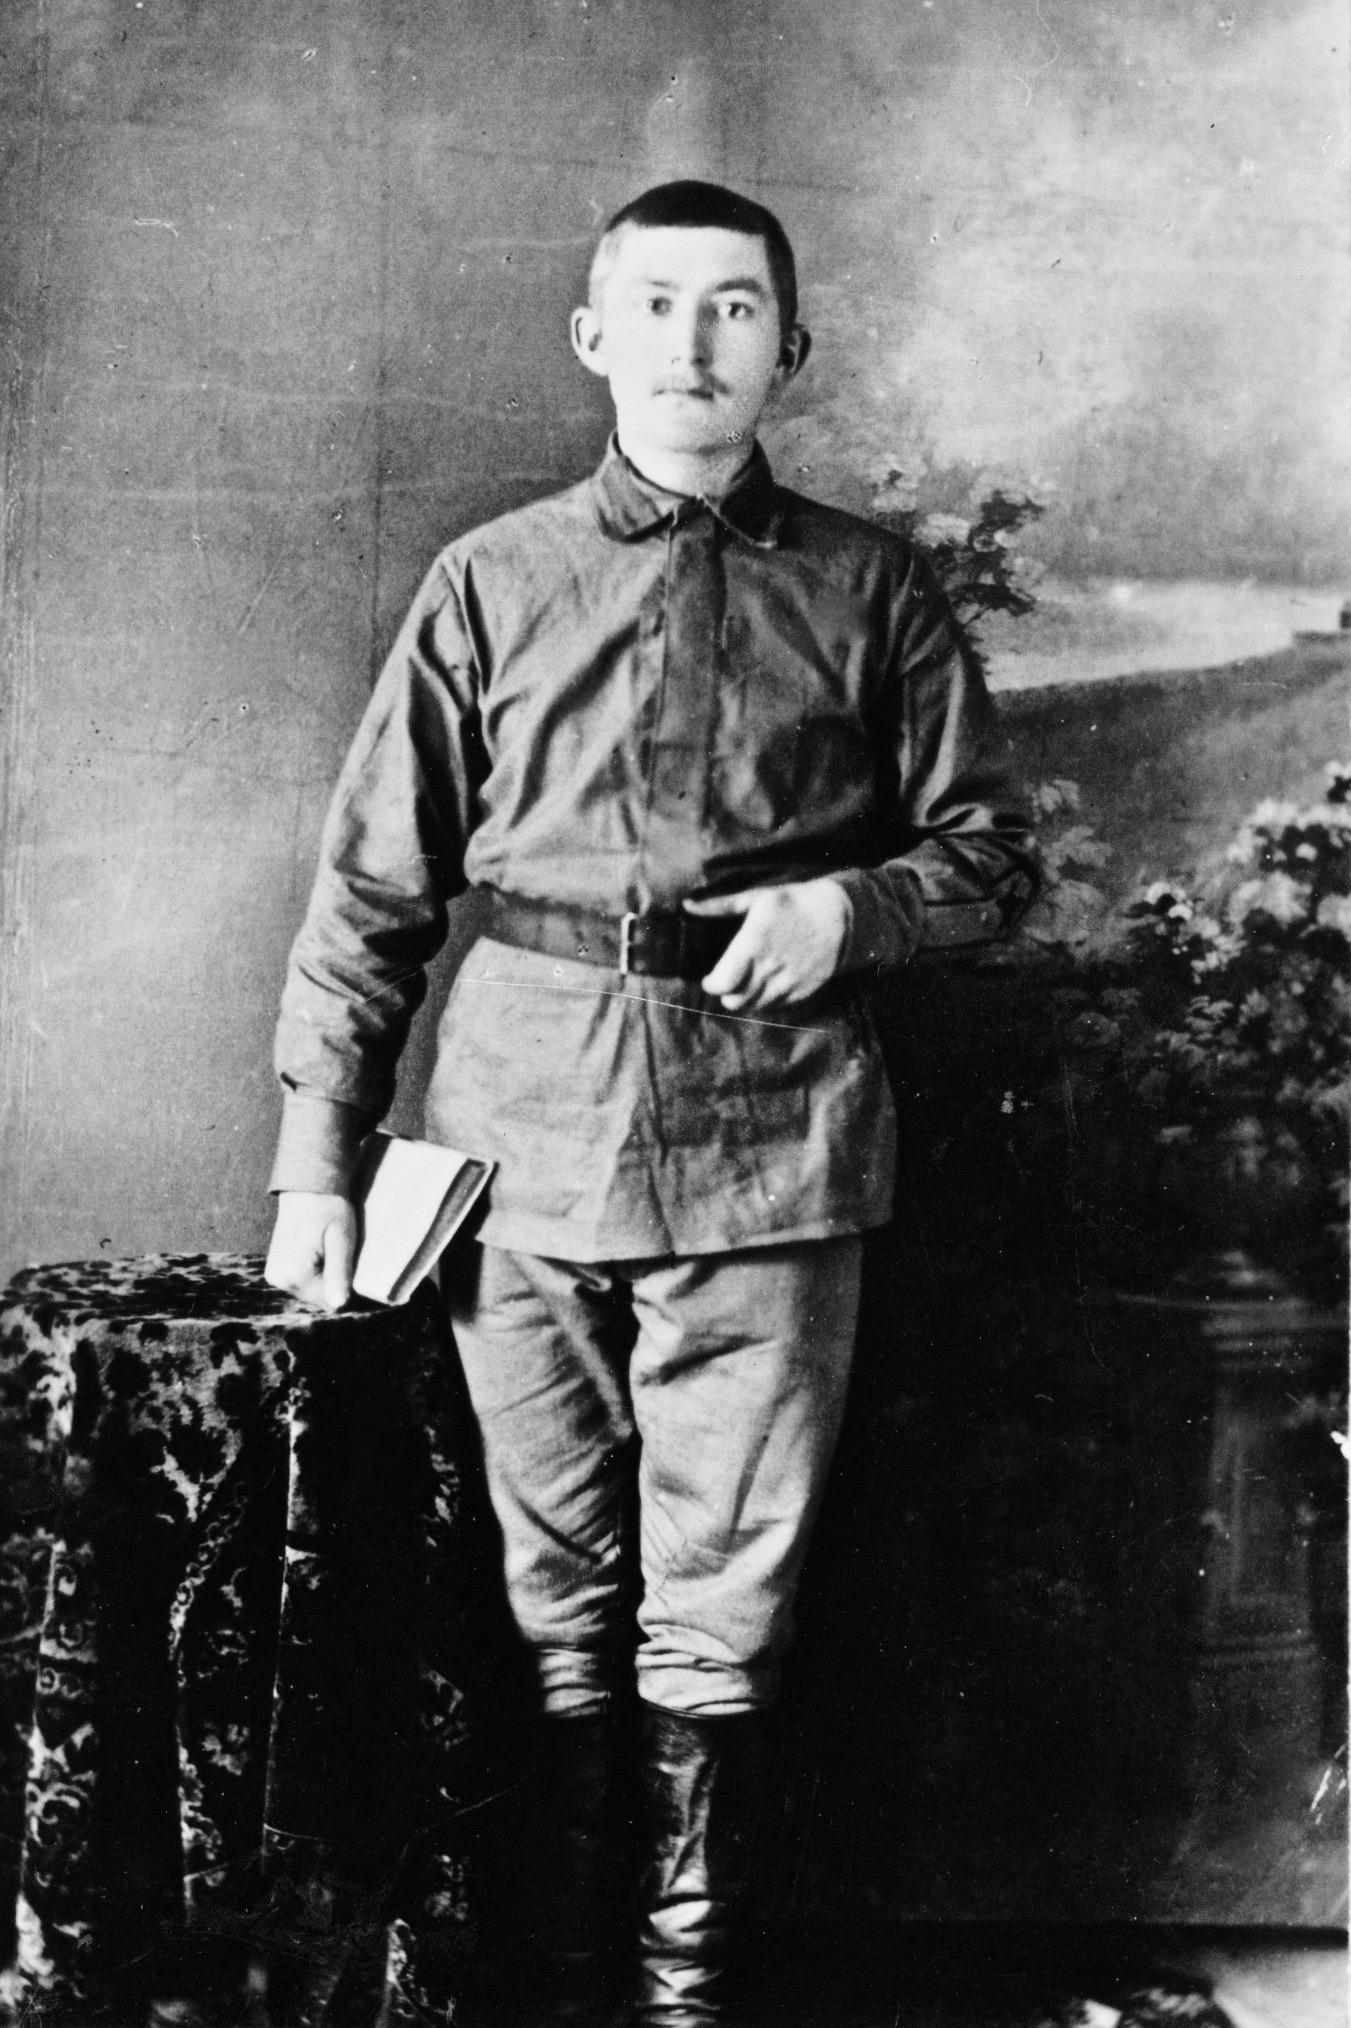 grandpa peters in army uniform